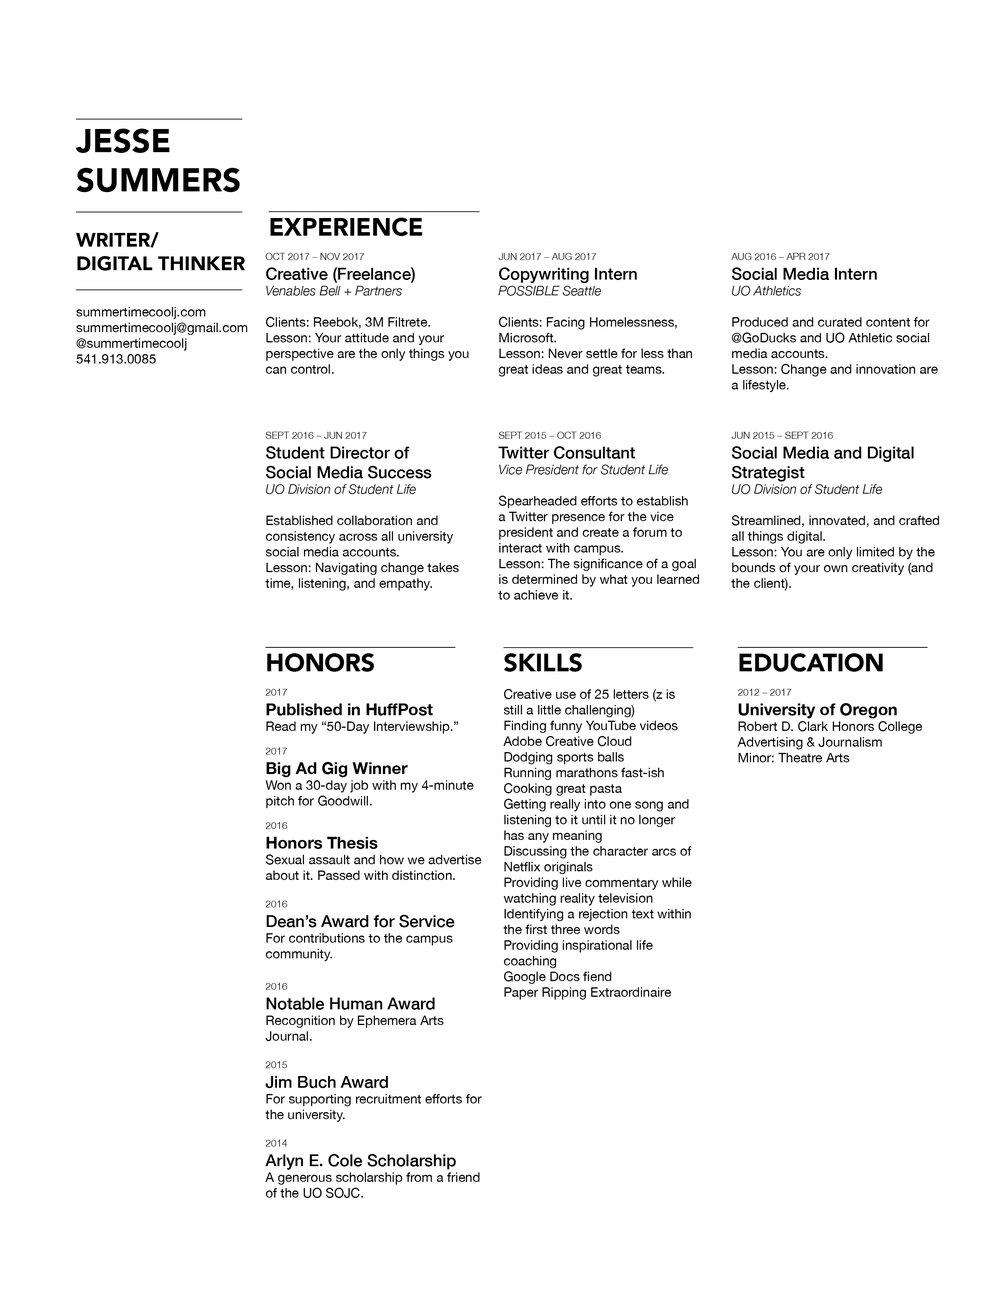 résumé jesse summers